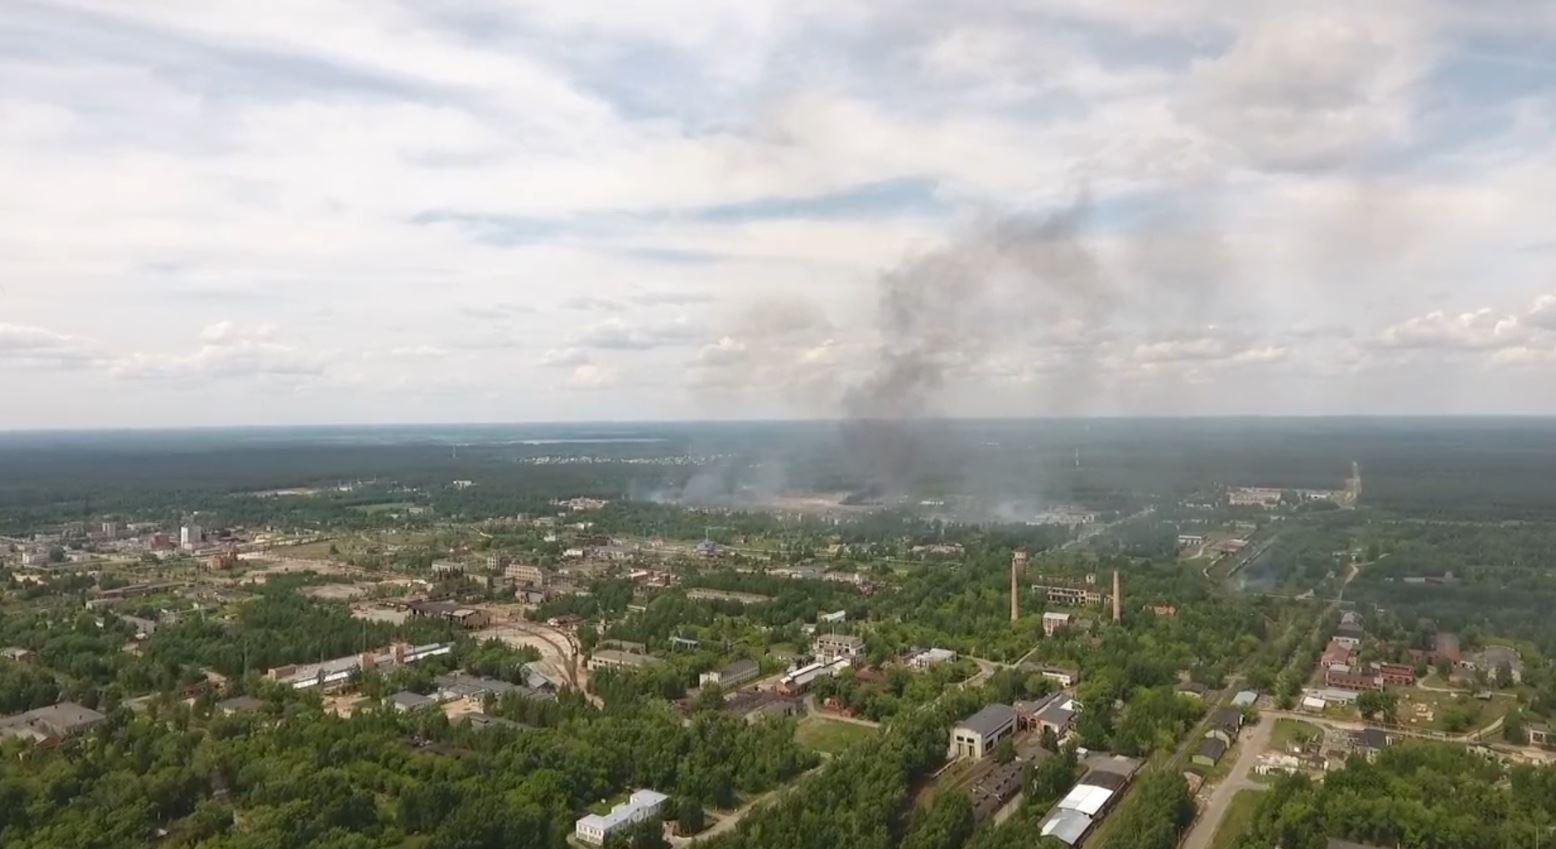 Shpërthime në një fabrikë eksplozivi në Dzerzhinsk